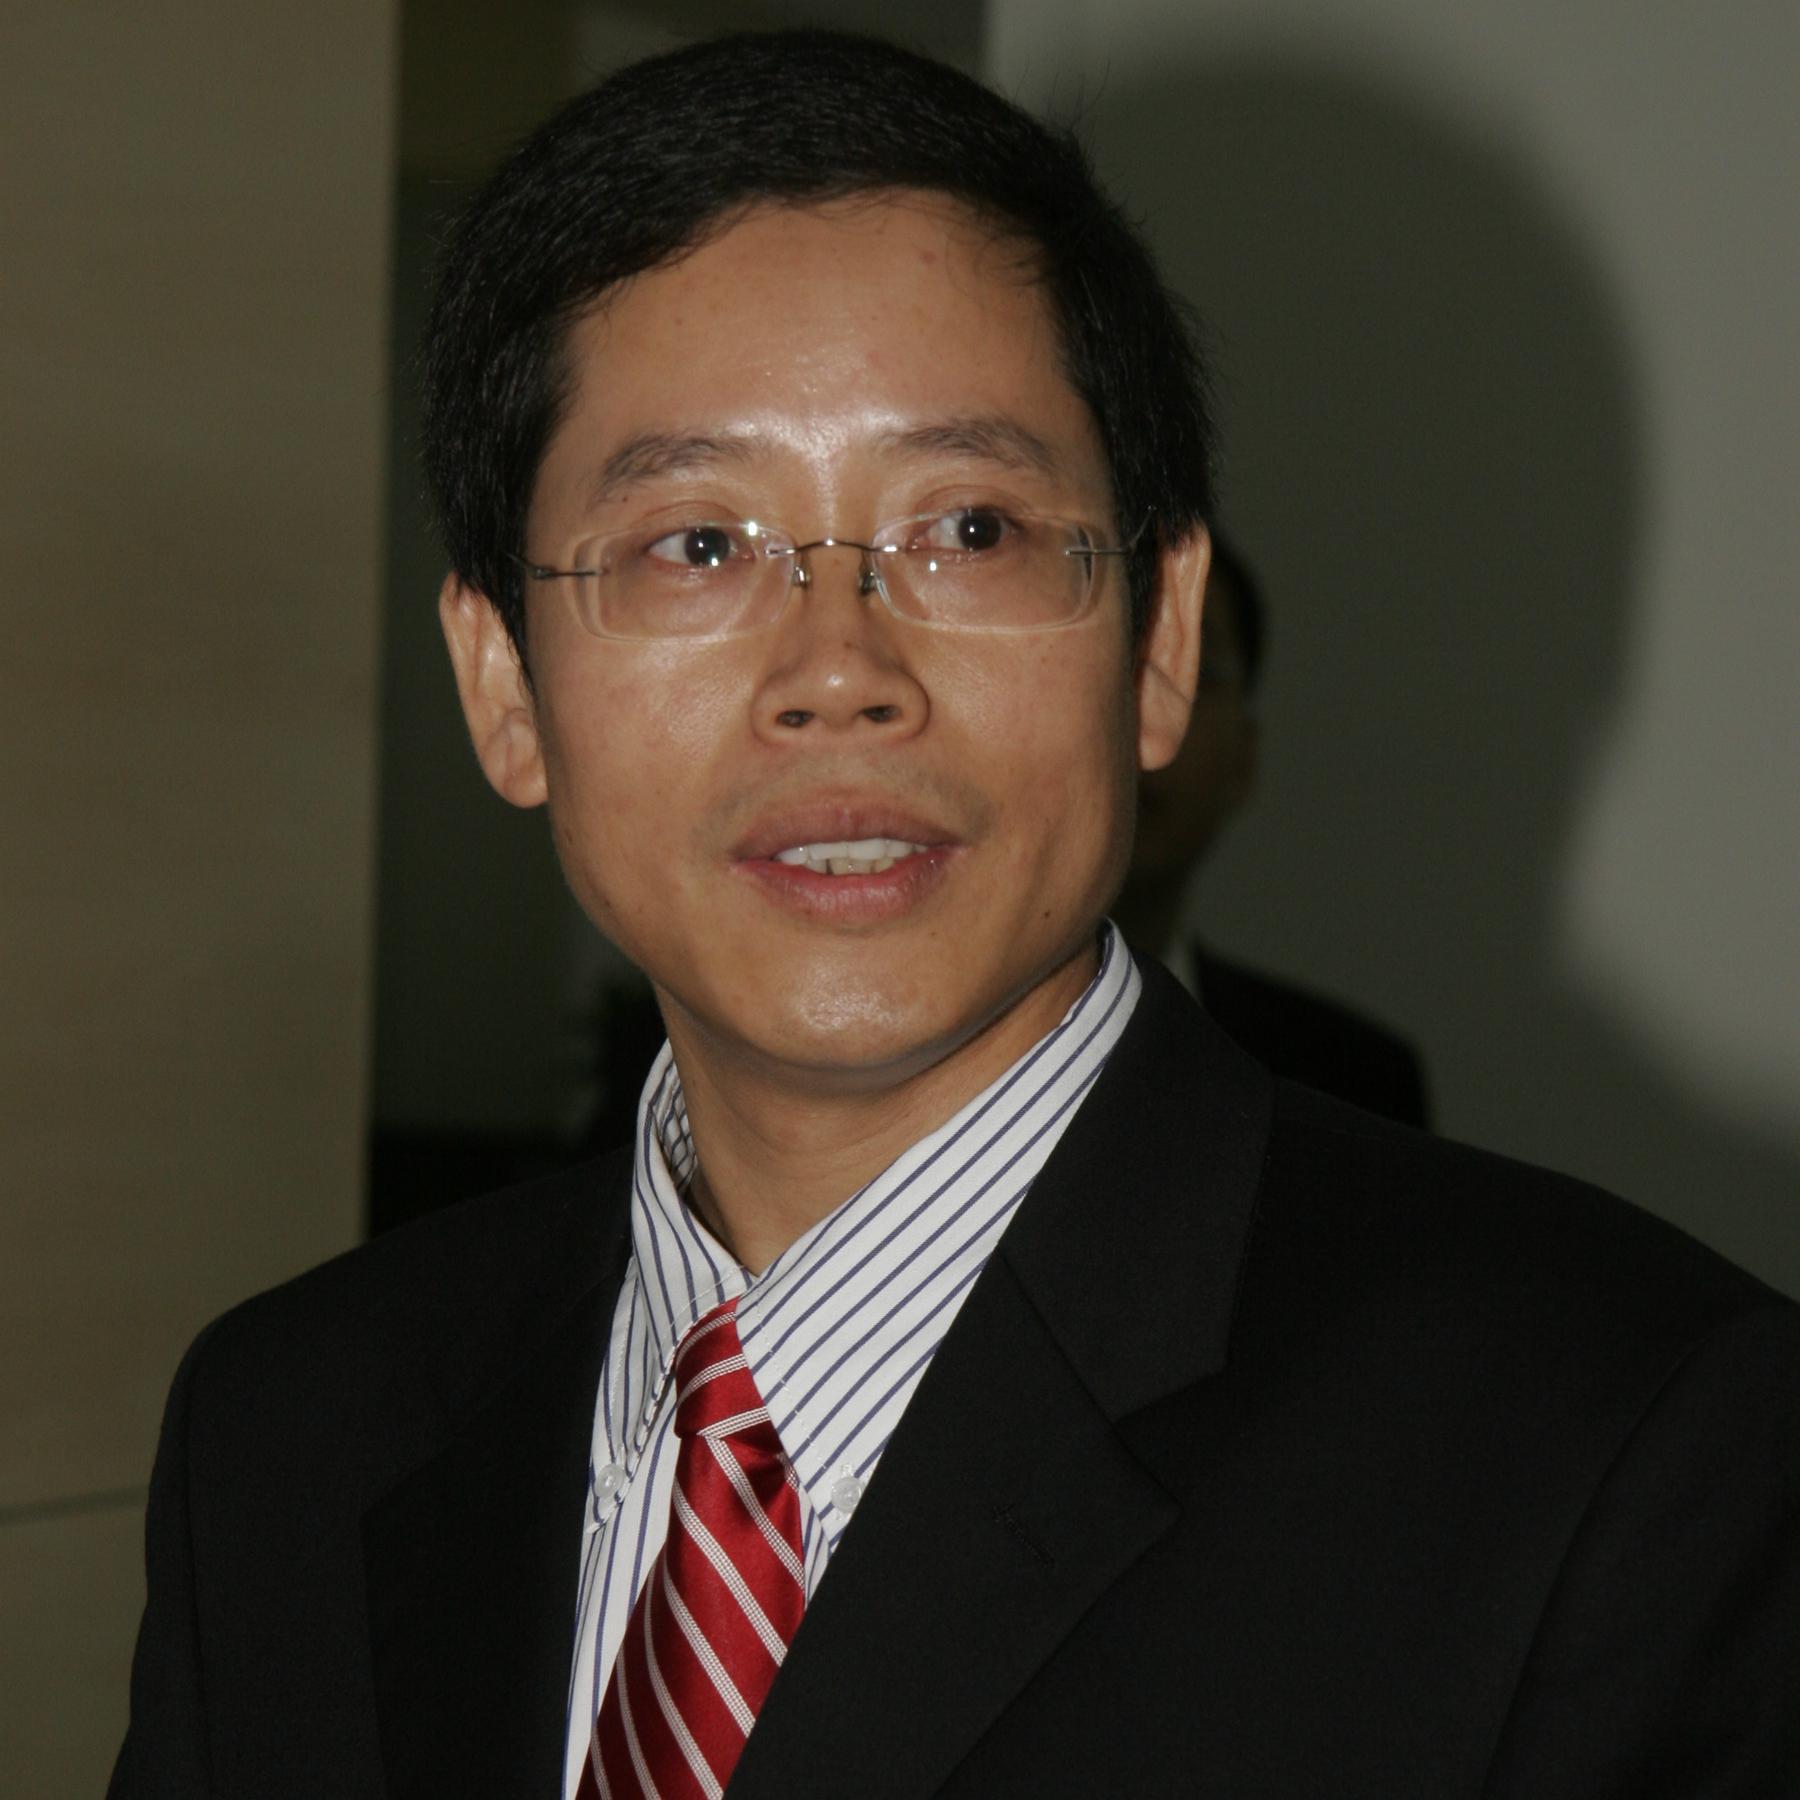 瑞奇外科器械(中国)有限公司董事长方云才照片